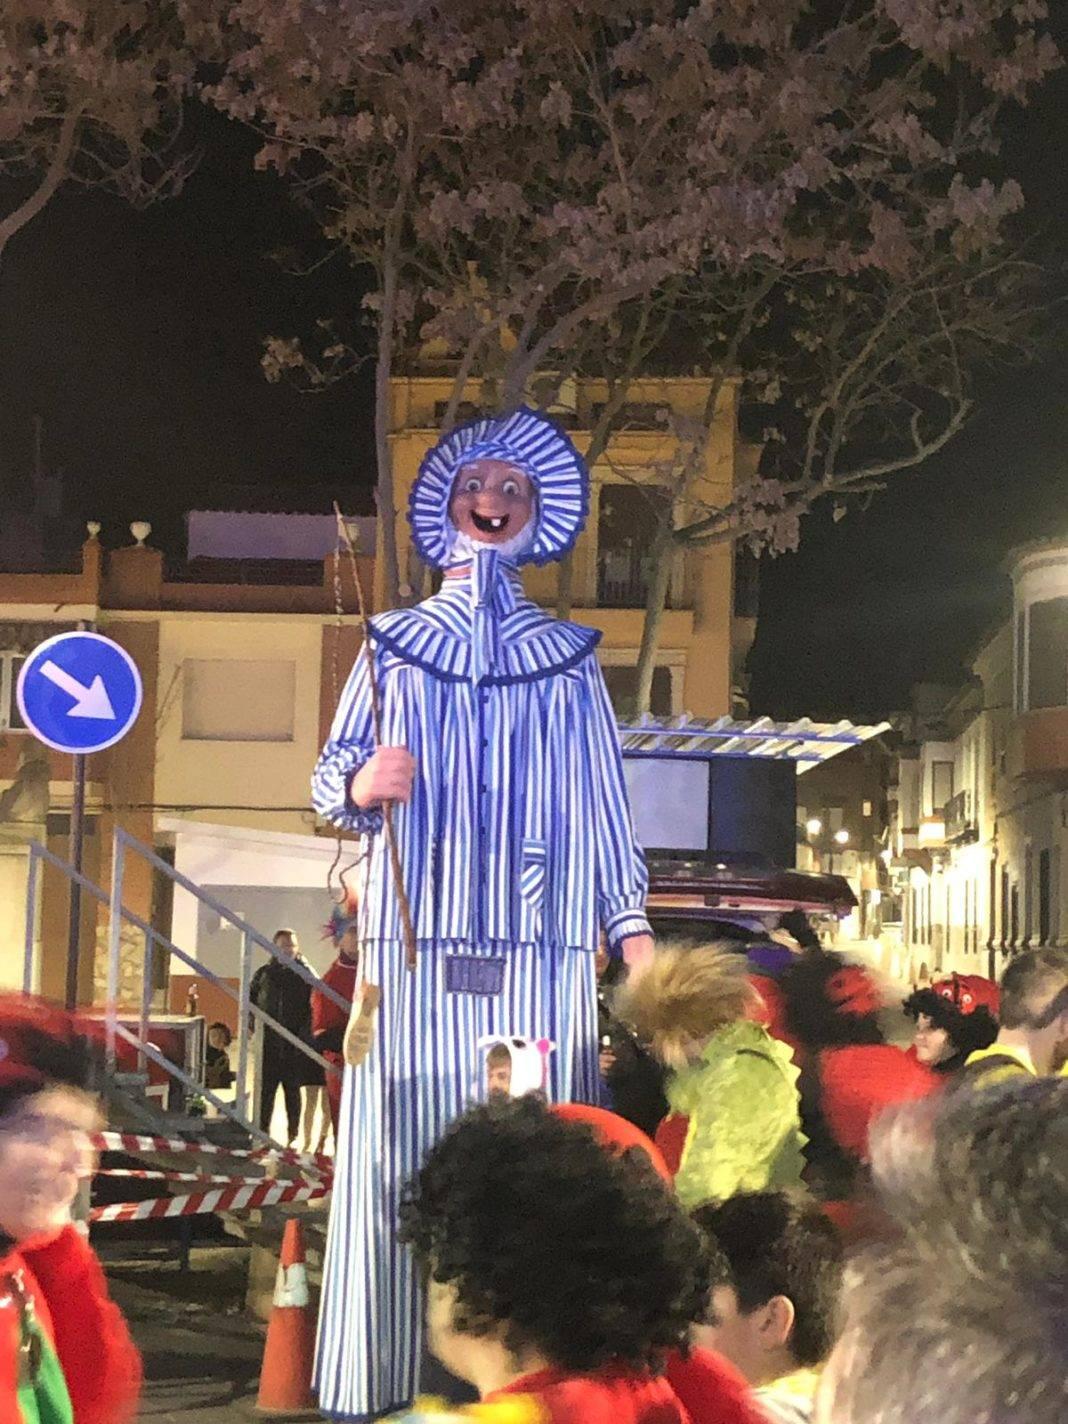 viernes de prisillas 2019 carnaval de herencia 7 1068x1424 - Fotos y videos del Viernes de Prisillas 2019